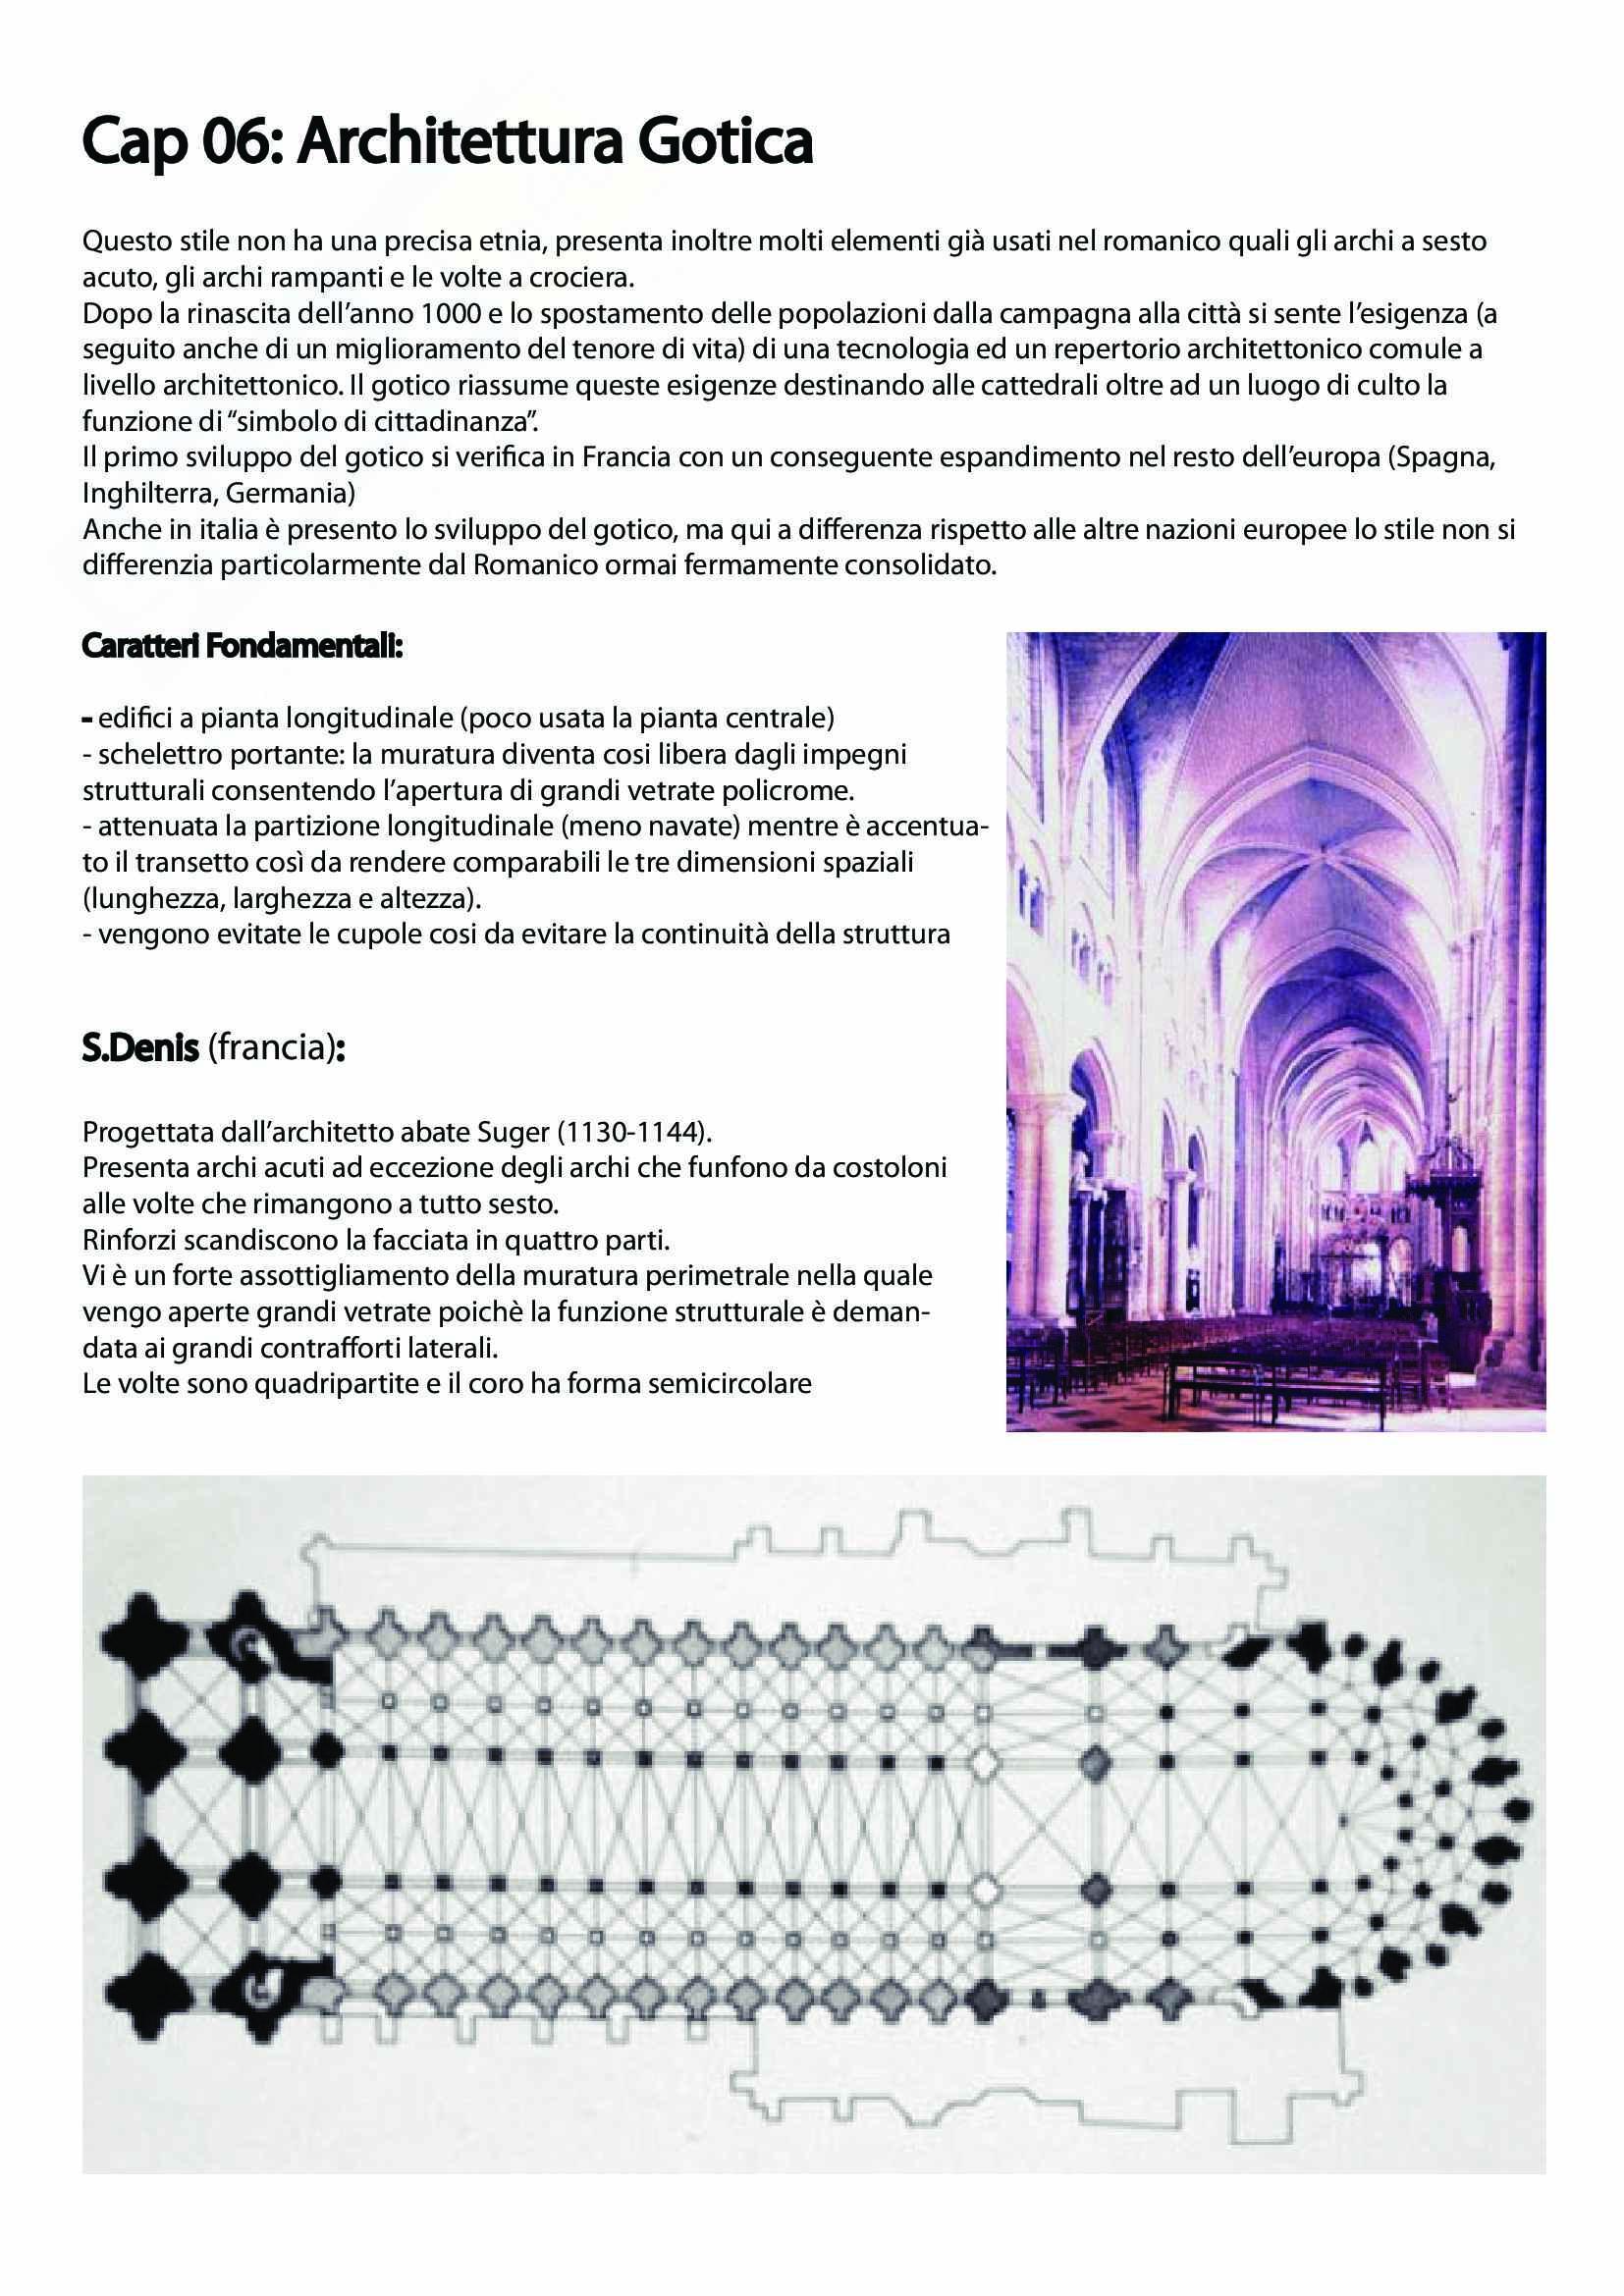 Storia dell'architettura - Appunti Pag. 31